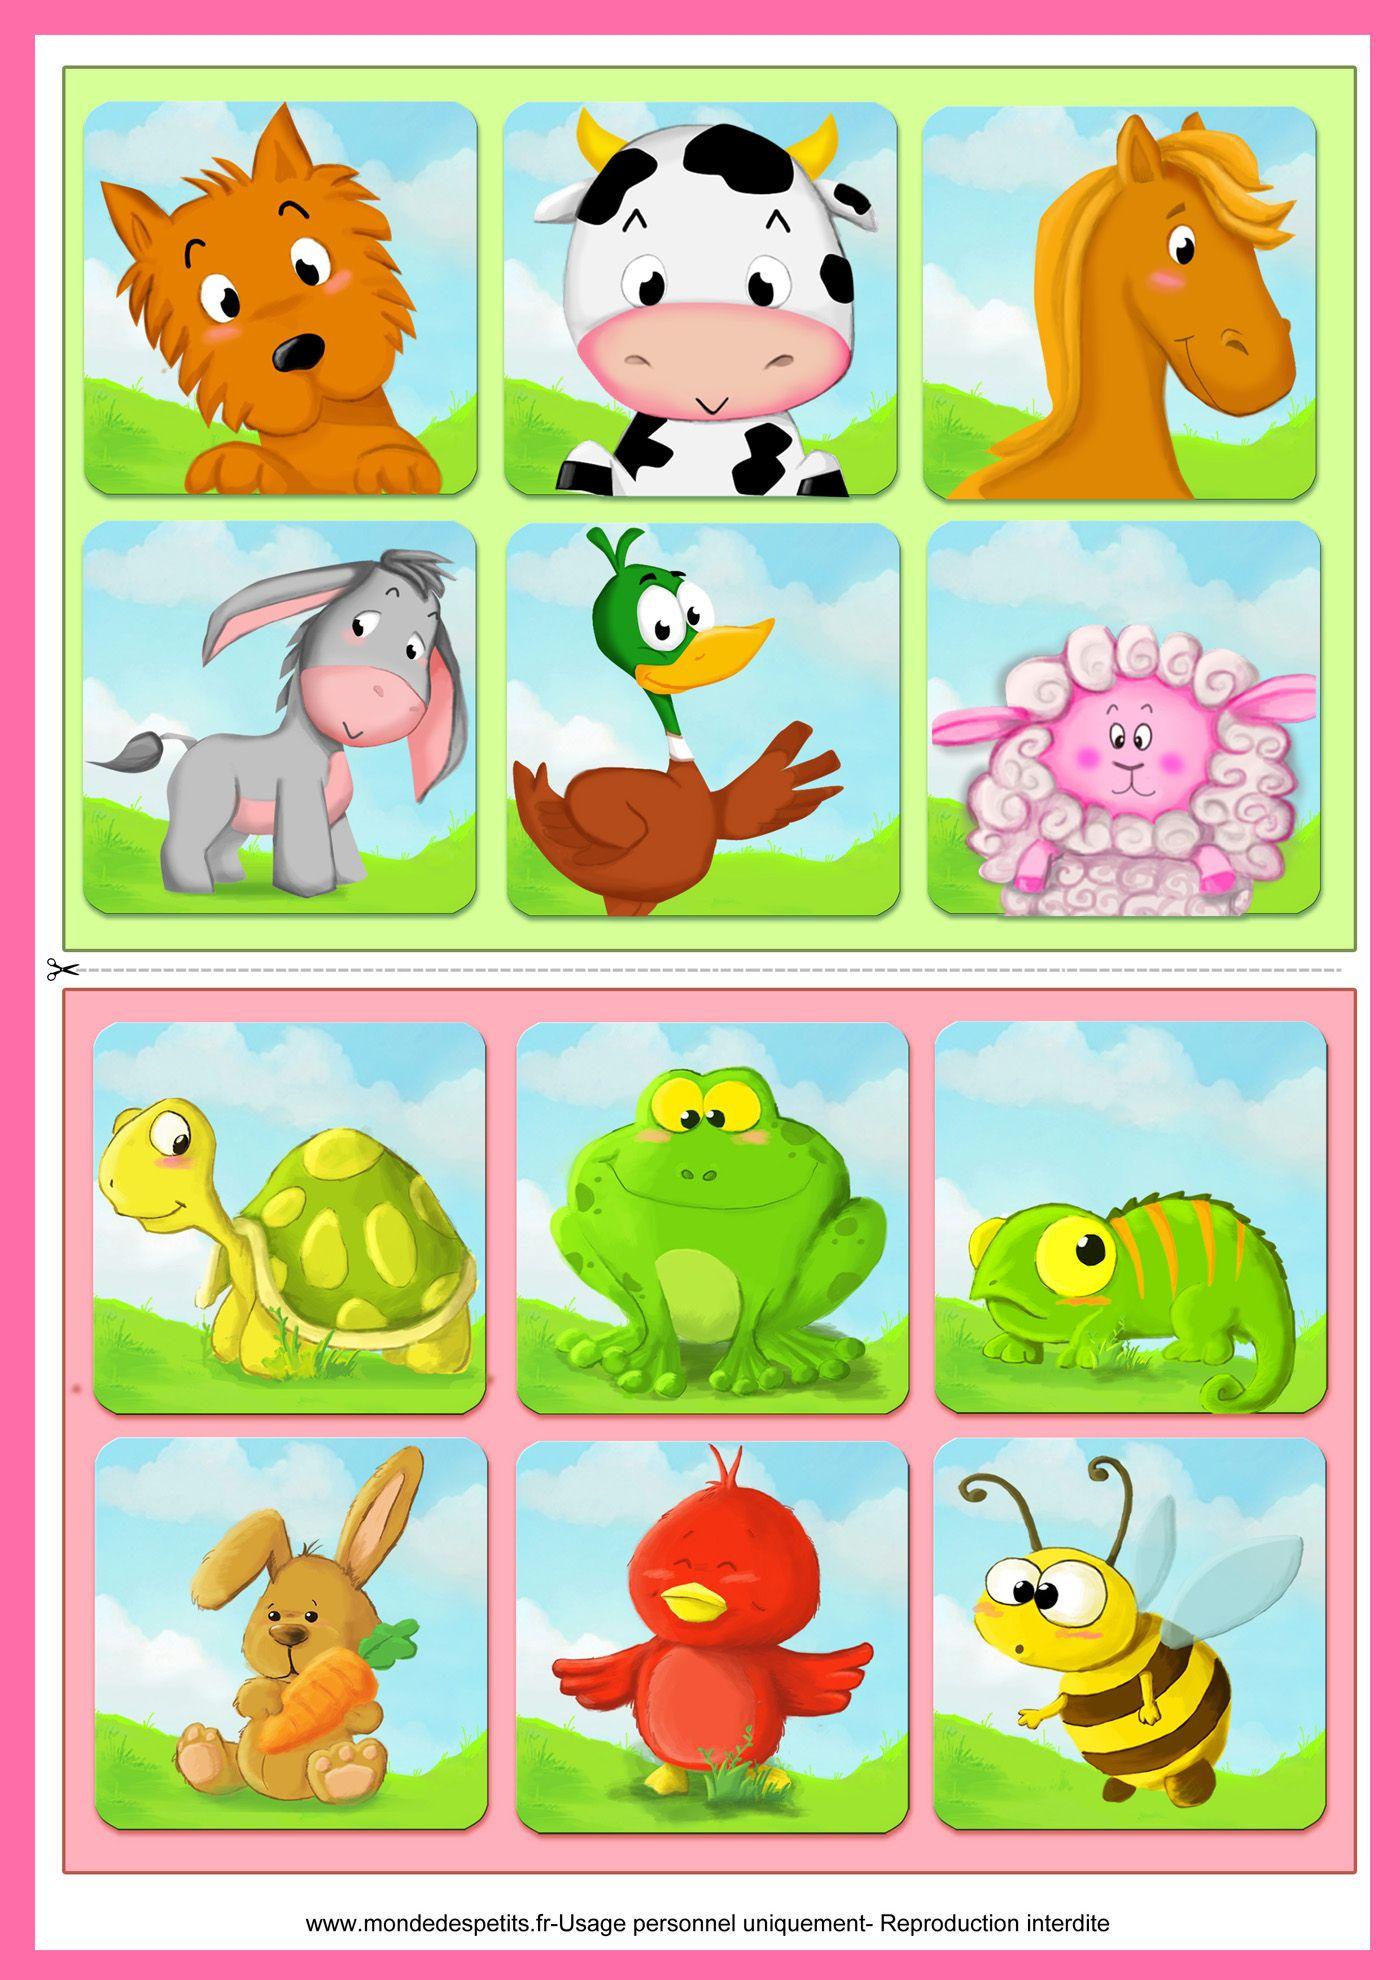 jeu de loto imprimer pour les enfants jeux imprimer jeux jeux a imprimer et loto. Black Bedroom Furniture Sets. Home Design Ideas